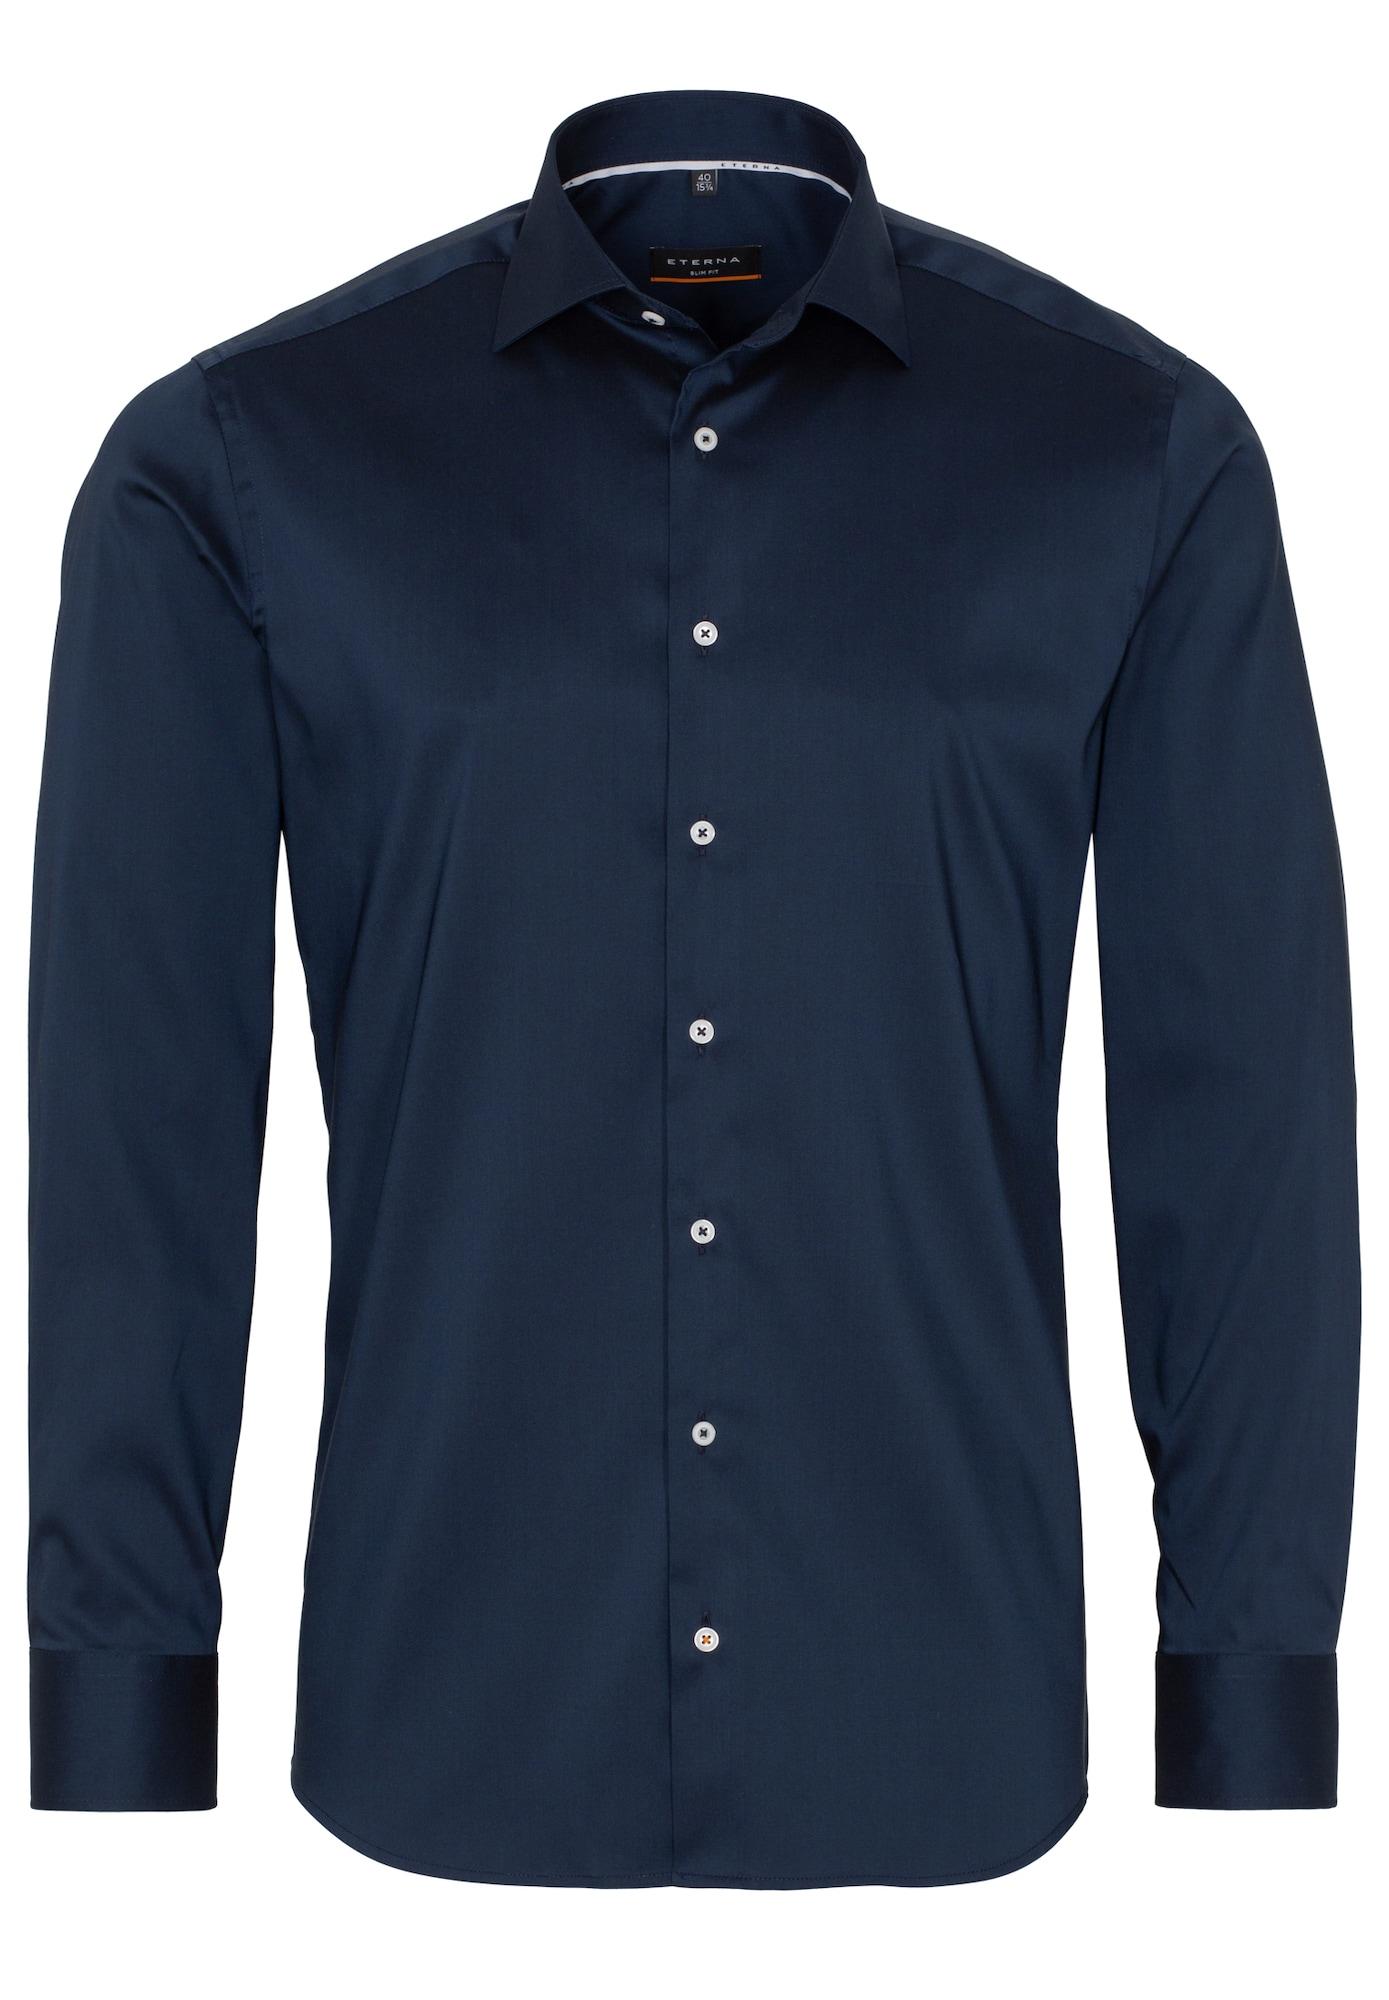 ETERNA Dalykinio stiliaus marškiniai tamsiai mėlyna